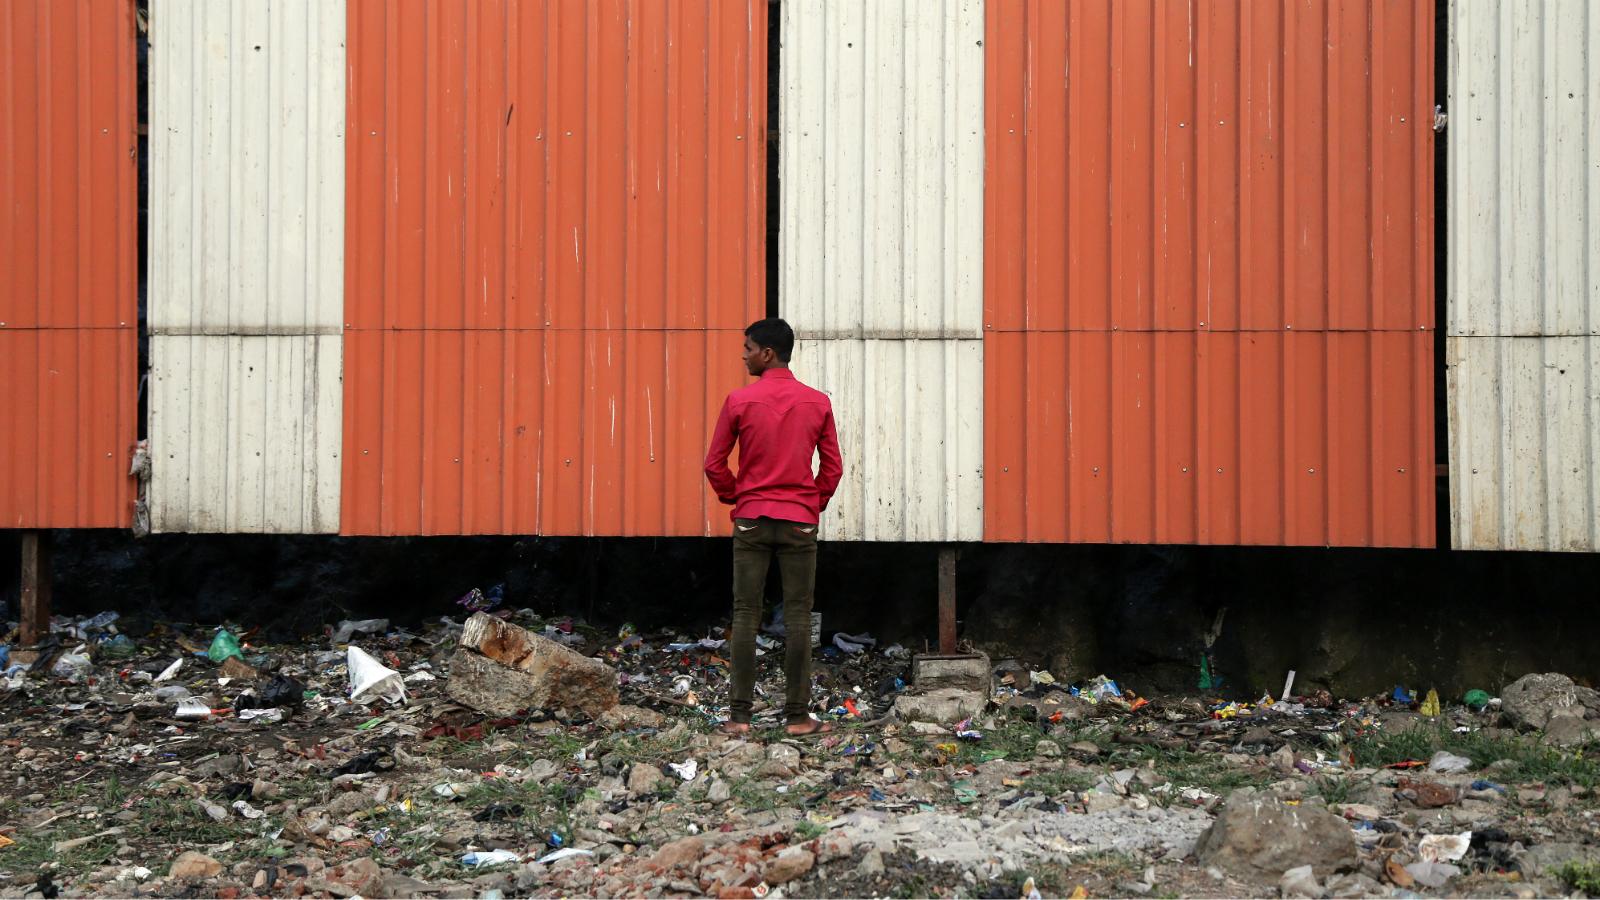 India-Toilets-Swachh Bharat-Narendra Modi